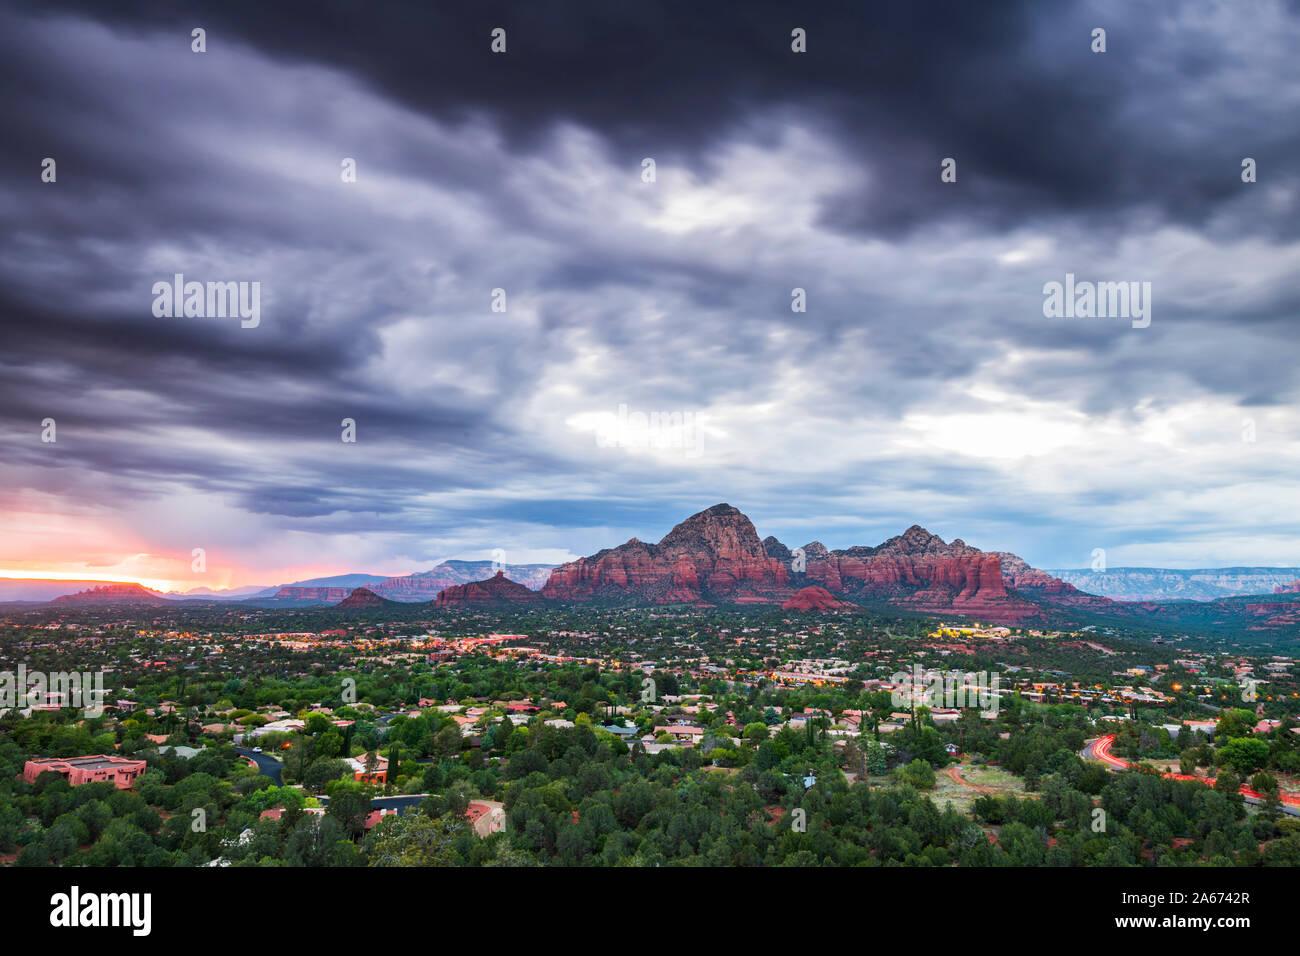 Moody cielo sobre Sedona desde aeropuerto Meas, Arizona, EE.UU., América del Norte Foto de stock